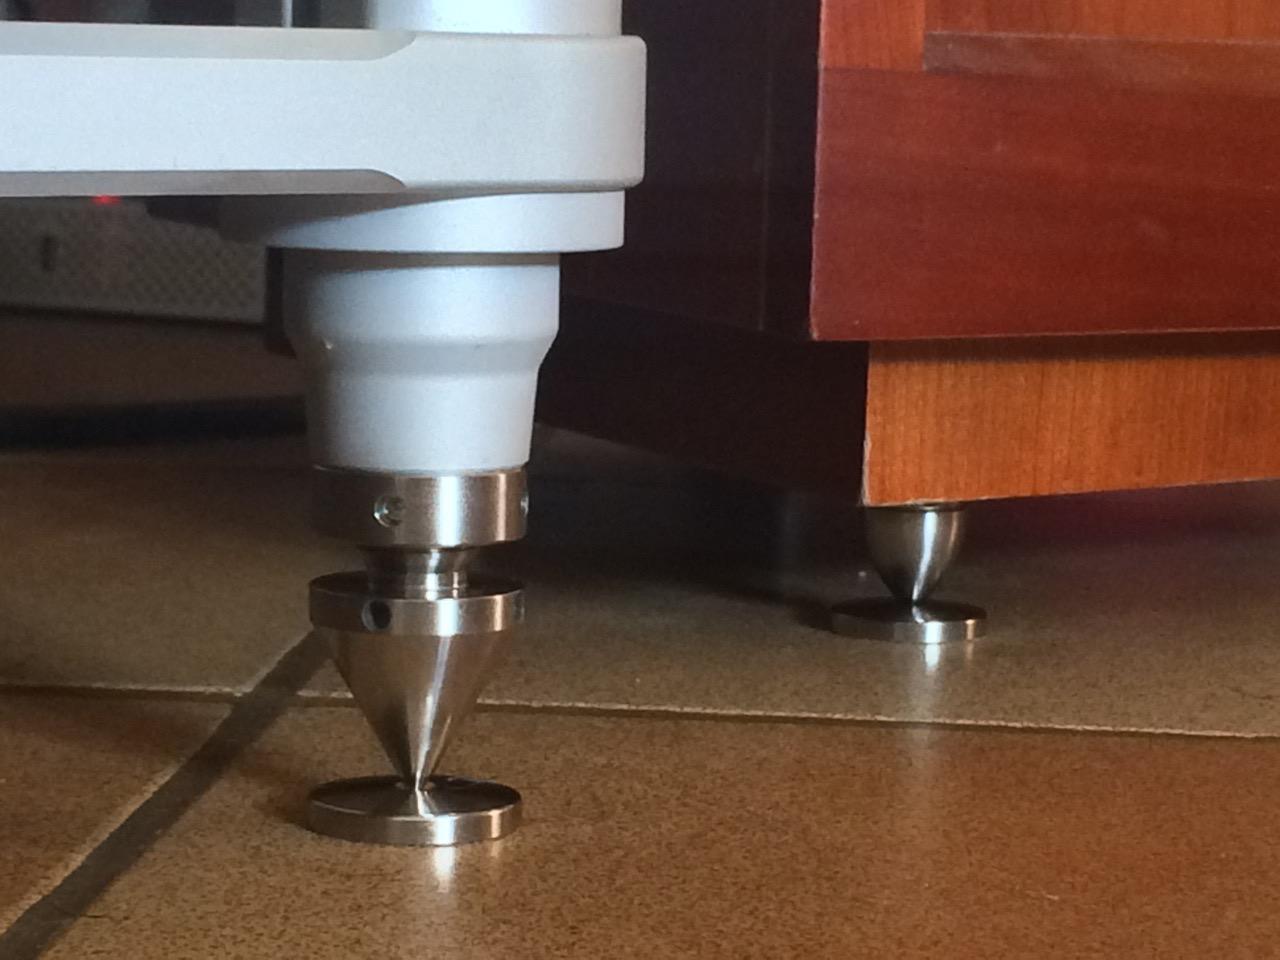 meubles hi fi centaure et pointes d 39 enceintes pps good. Black Bedroom Furniture Sets. Home Design Ideas